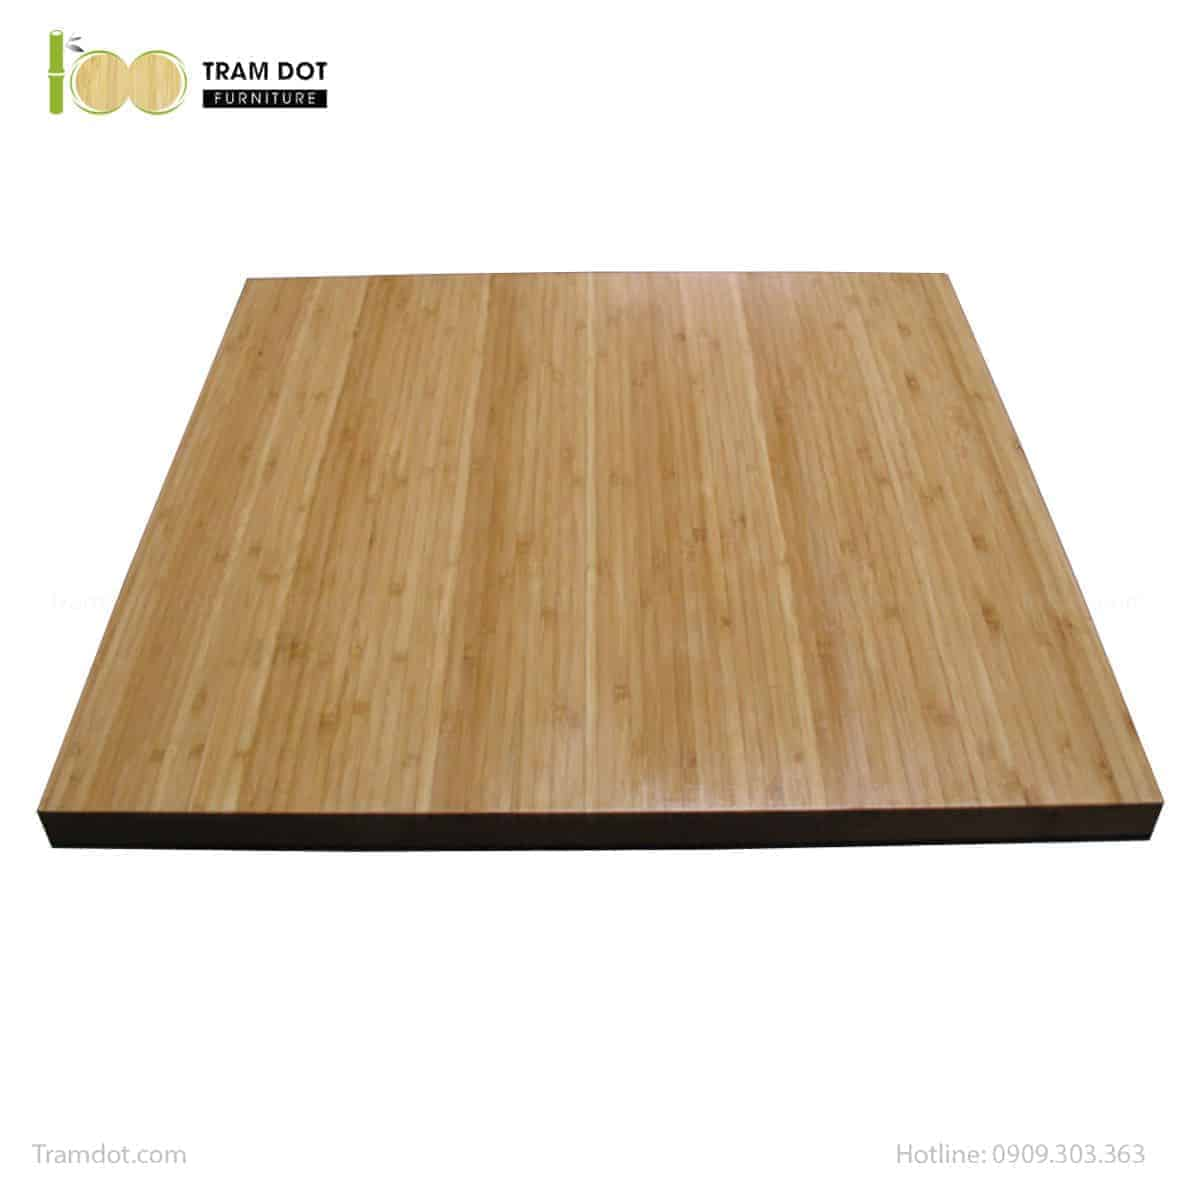 Mặt bàn tre ép hình vuông cao cấp 60x60cm   TRAMDOT Furniture